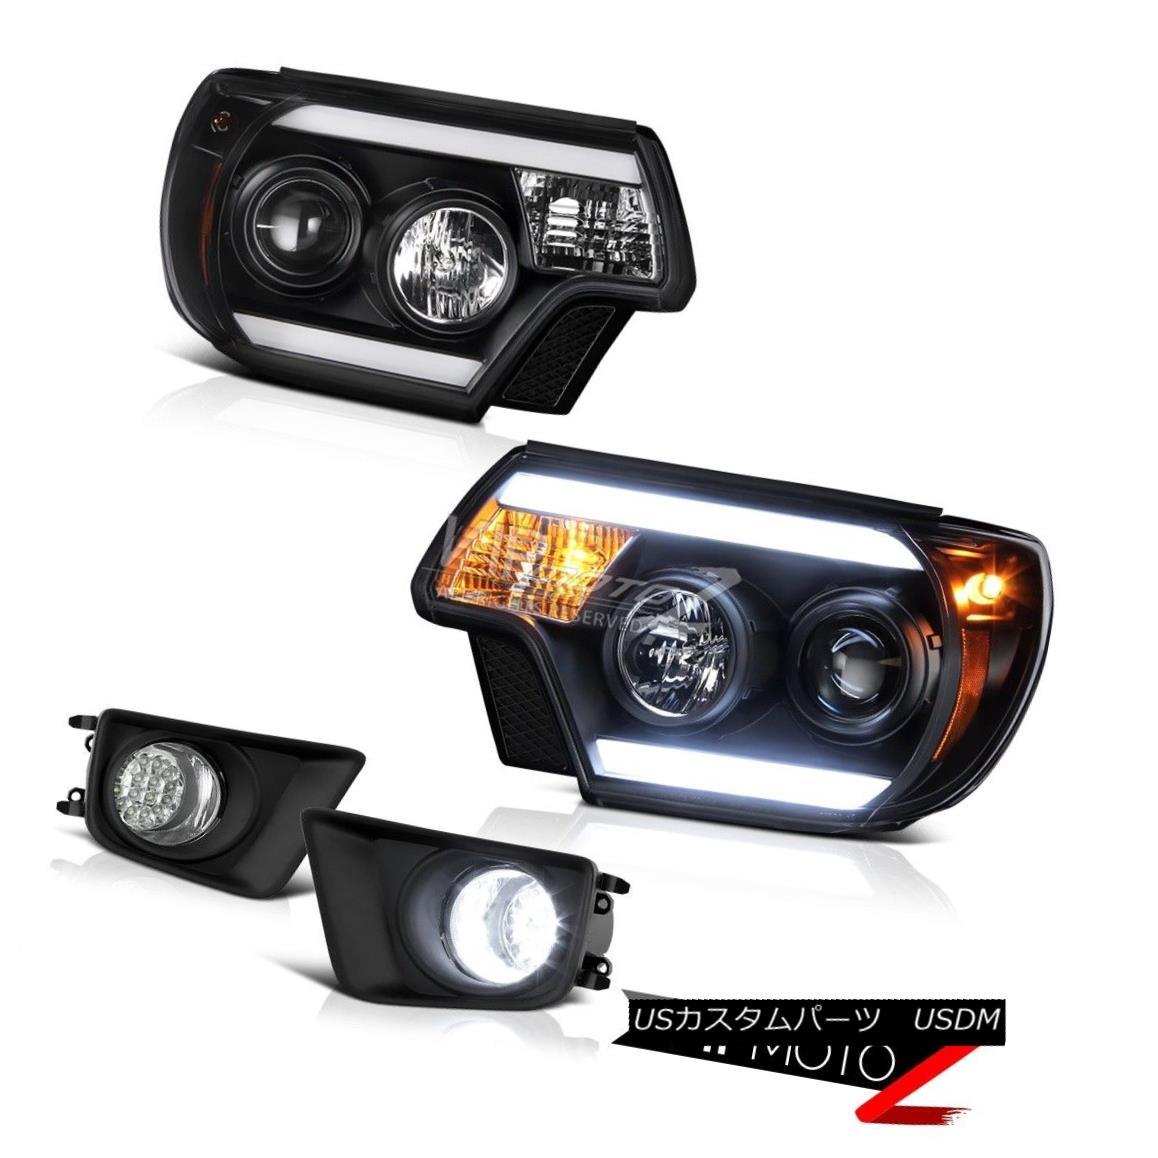 ヘッドライト 12-15 Toyota Tacoma X-Runner Foglights matte black projector headlights LED DRL 12-15トヨタタコマXランナーフォグライトマットブラックプロジェクターヘッドライトLED DRL